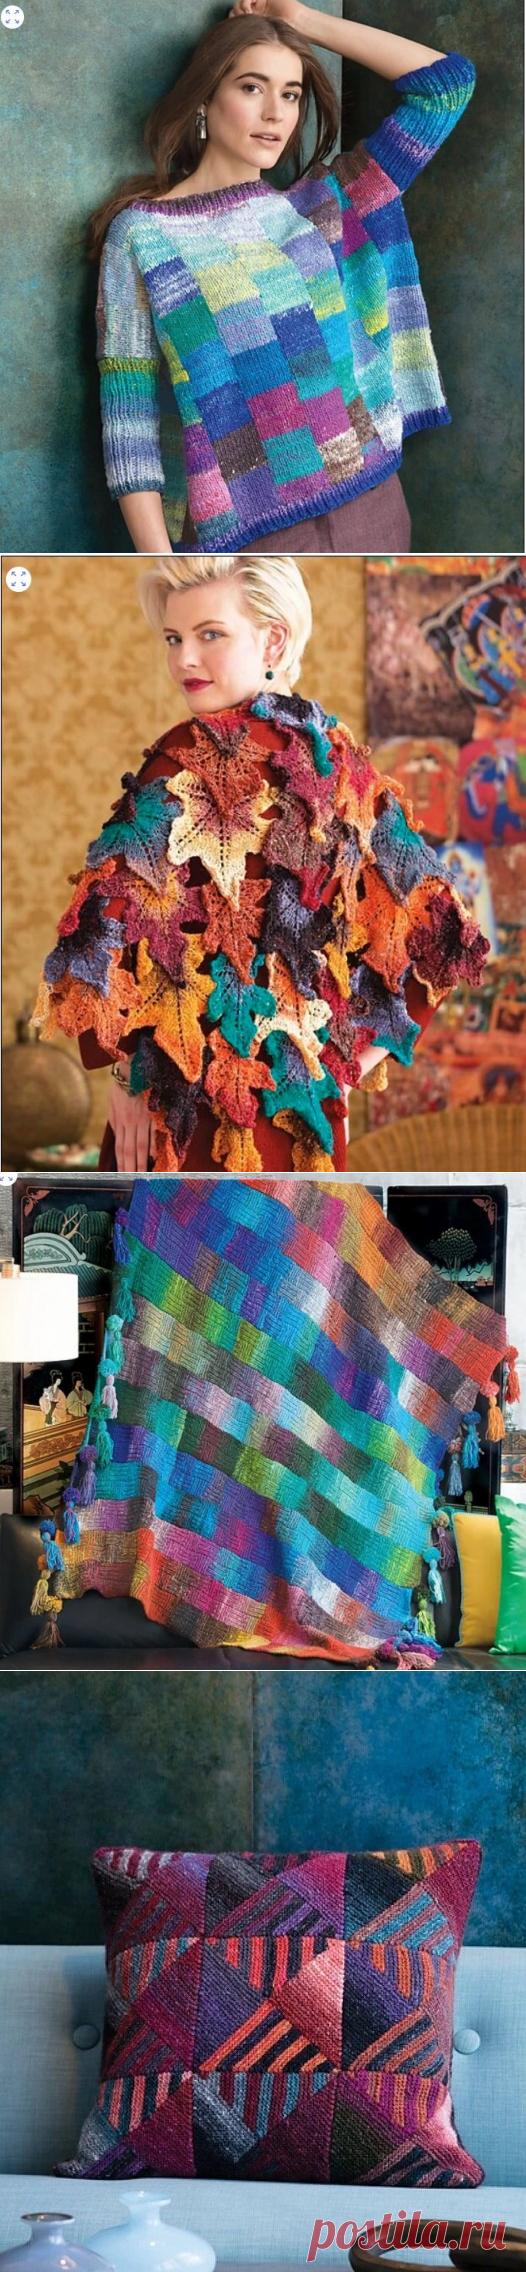 Взгляните на потрясающие работы из секционной пряжи Noro | Вязание и творчество | Яндекс Дзен